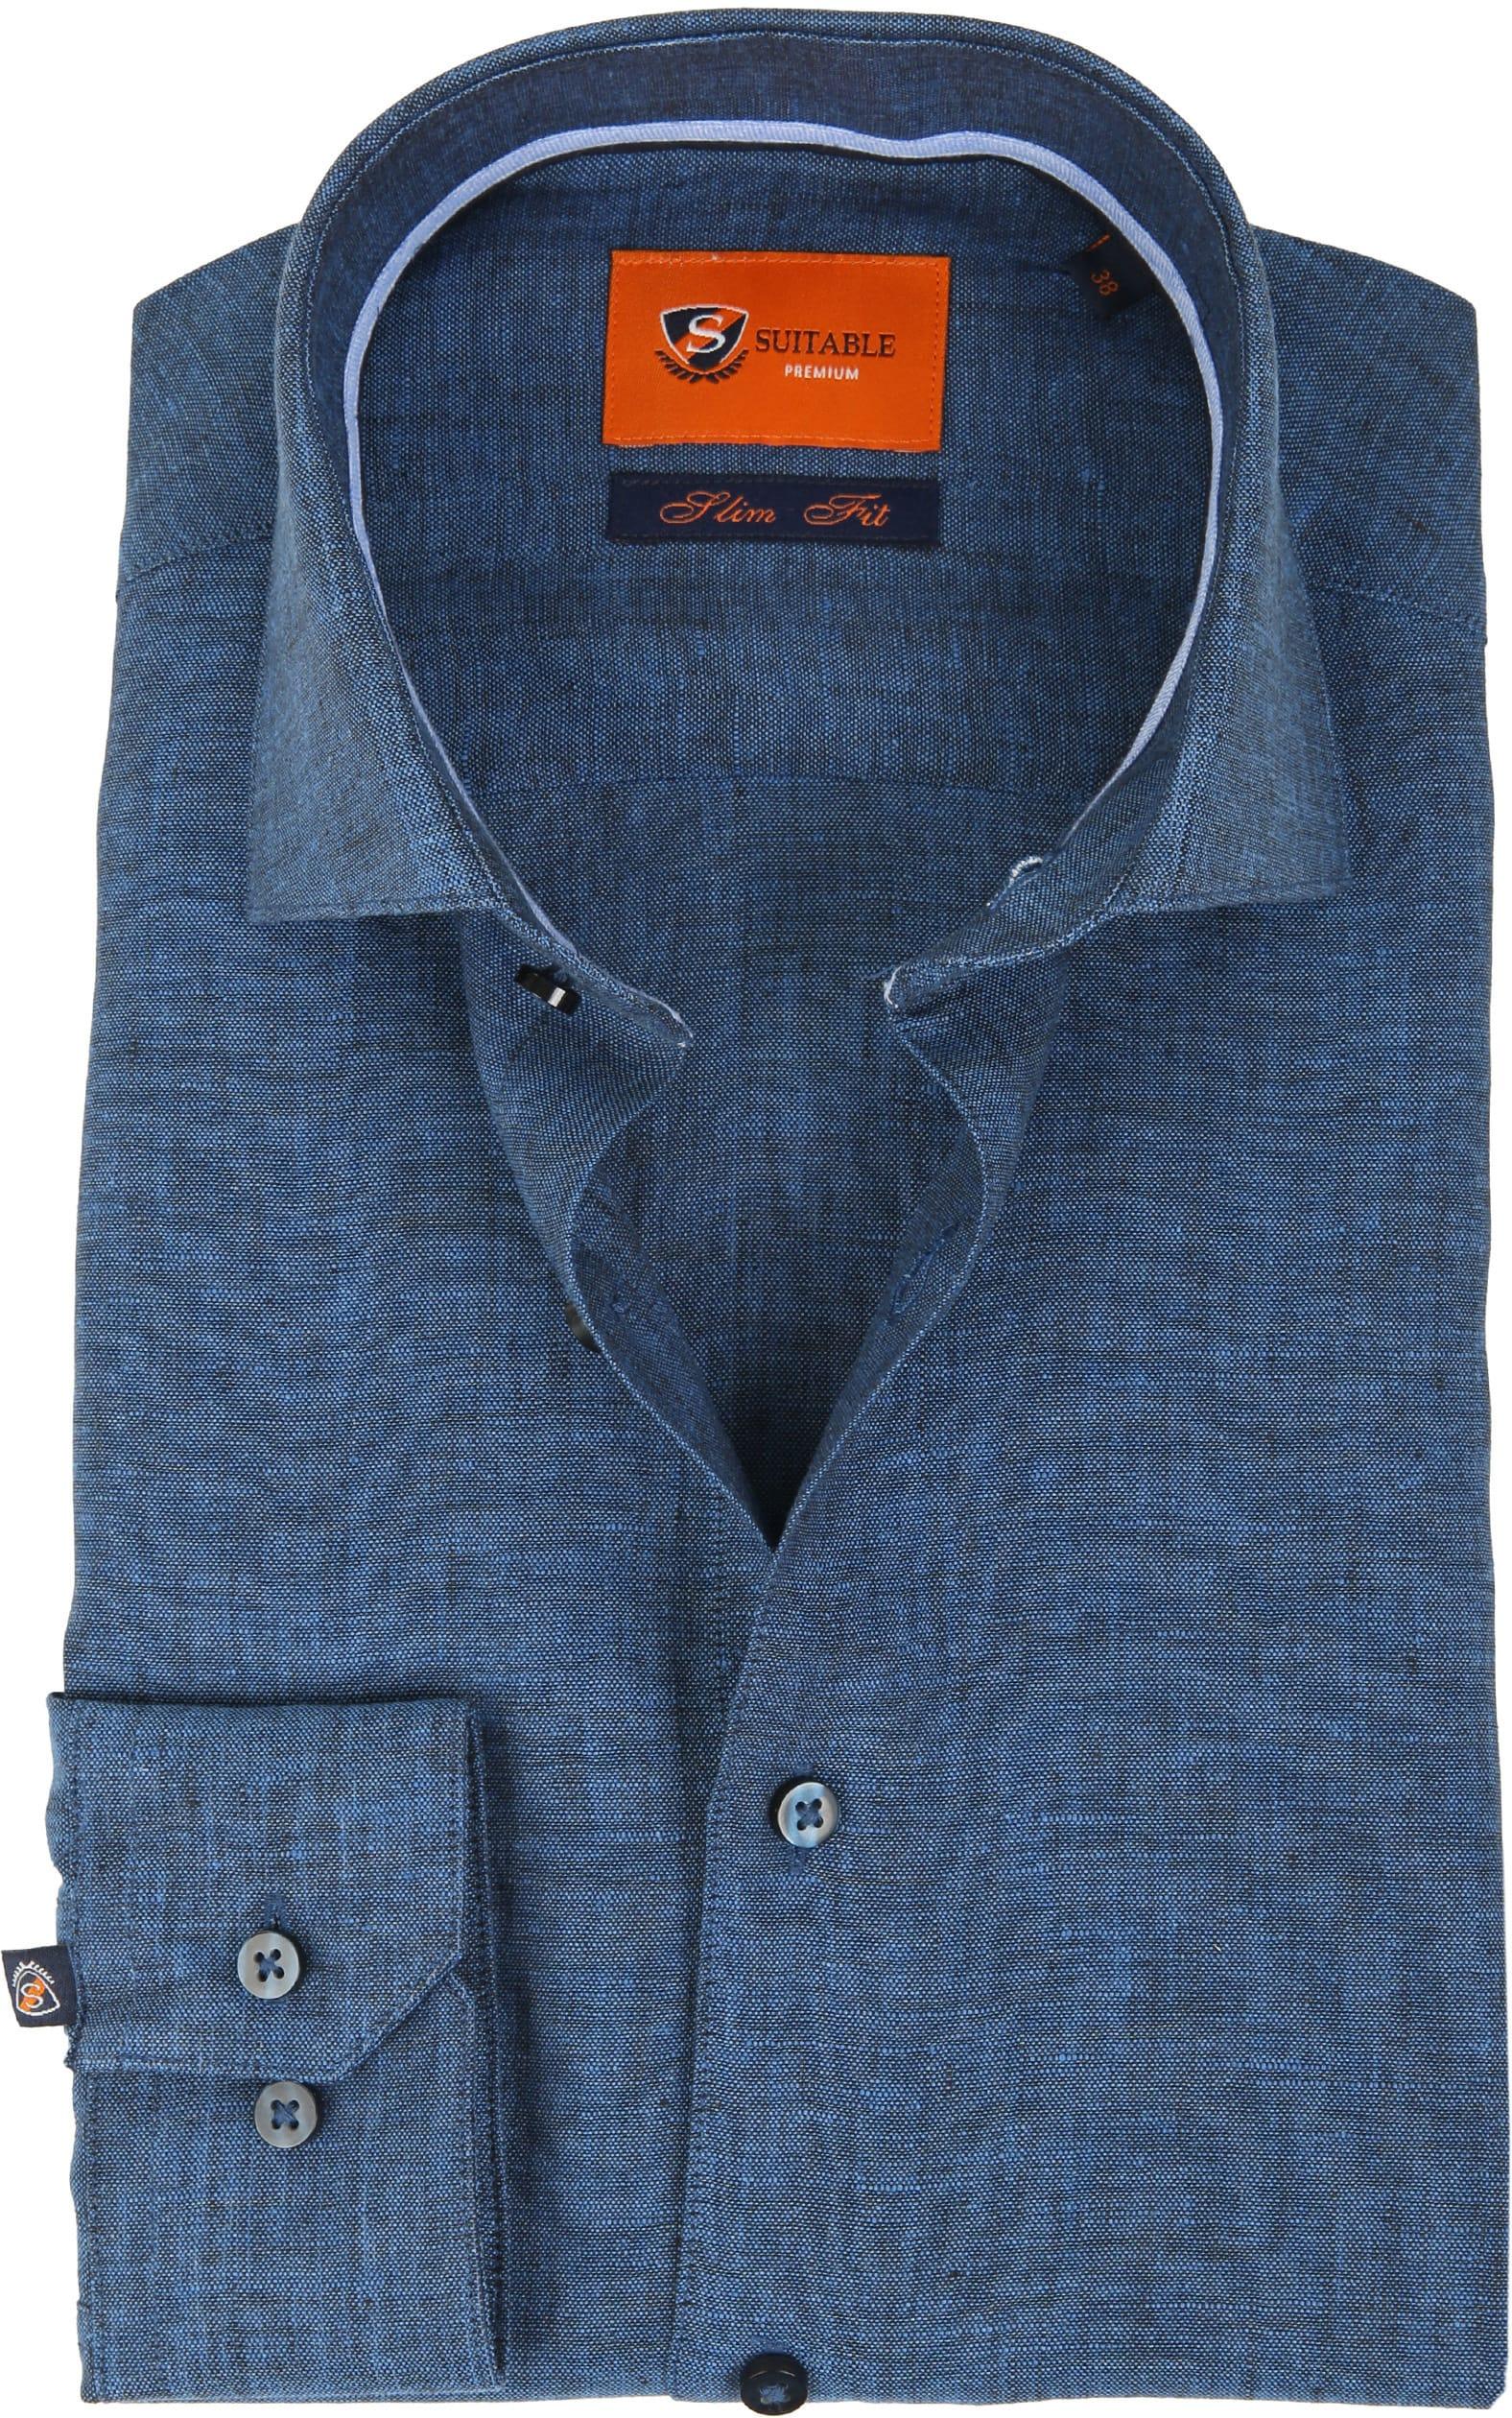 Suitable Shirt Linen Navy D81-11